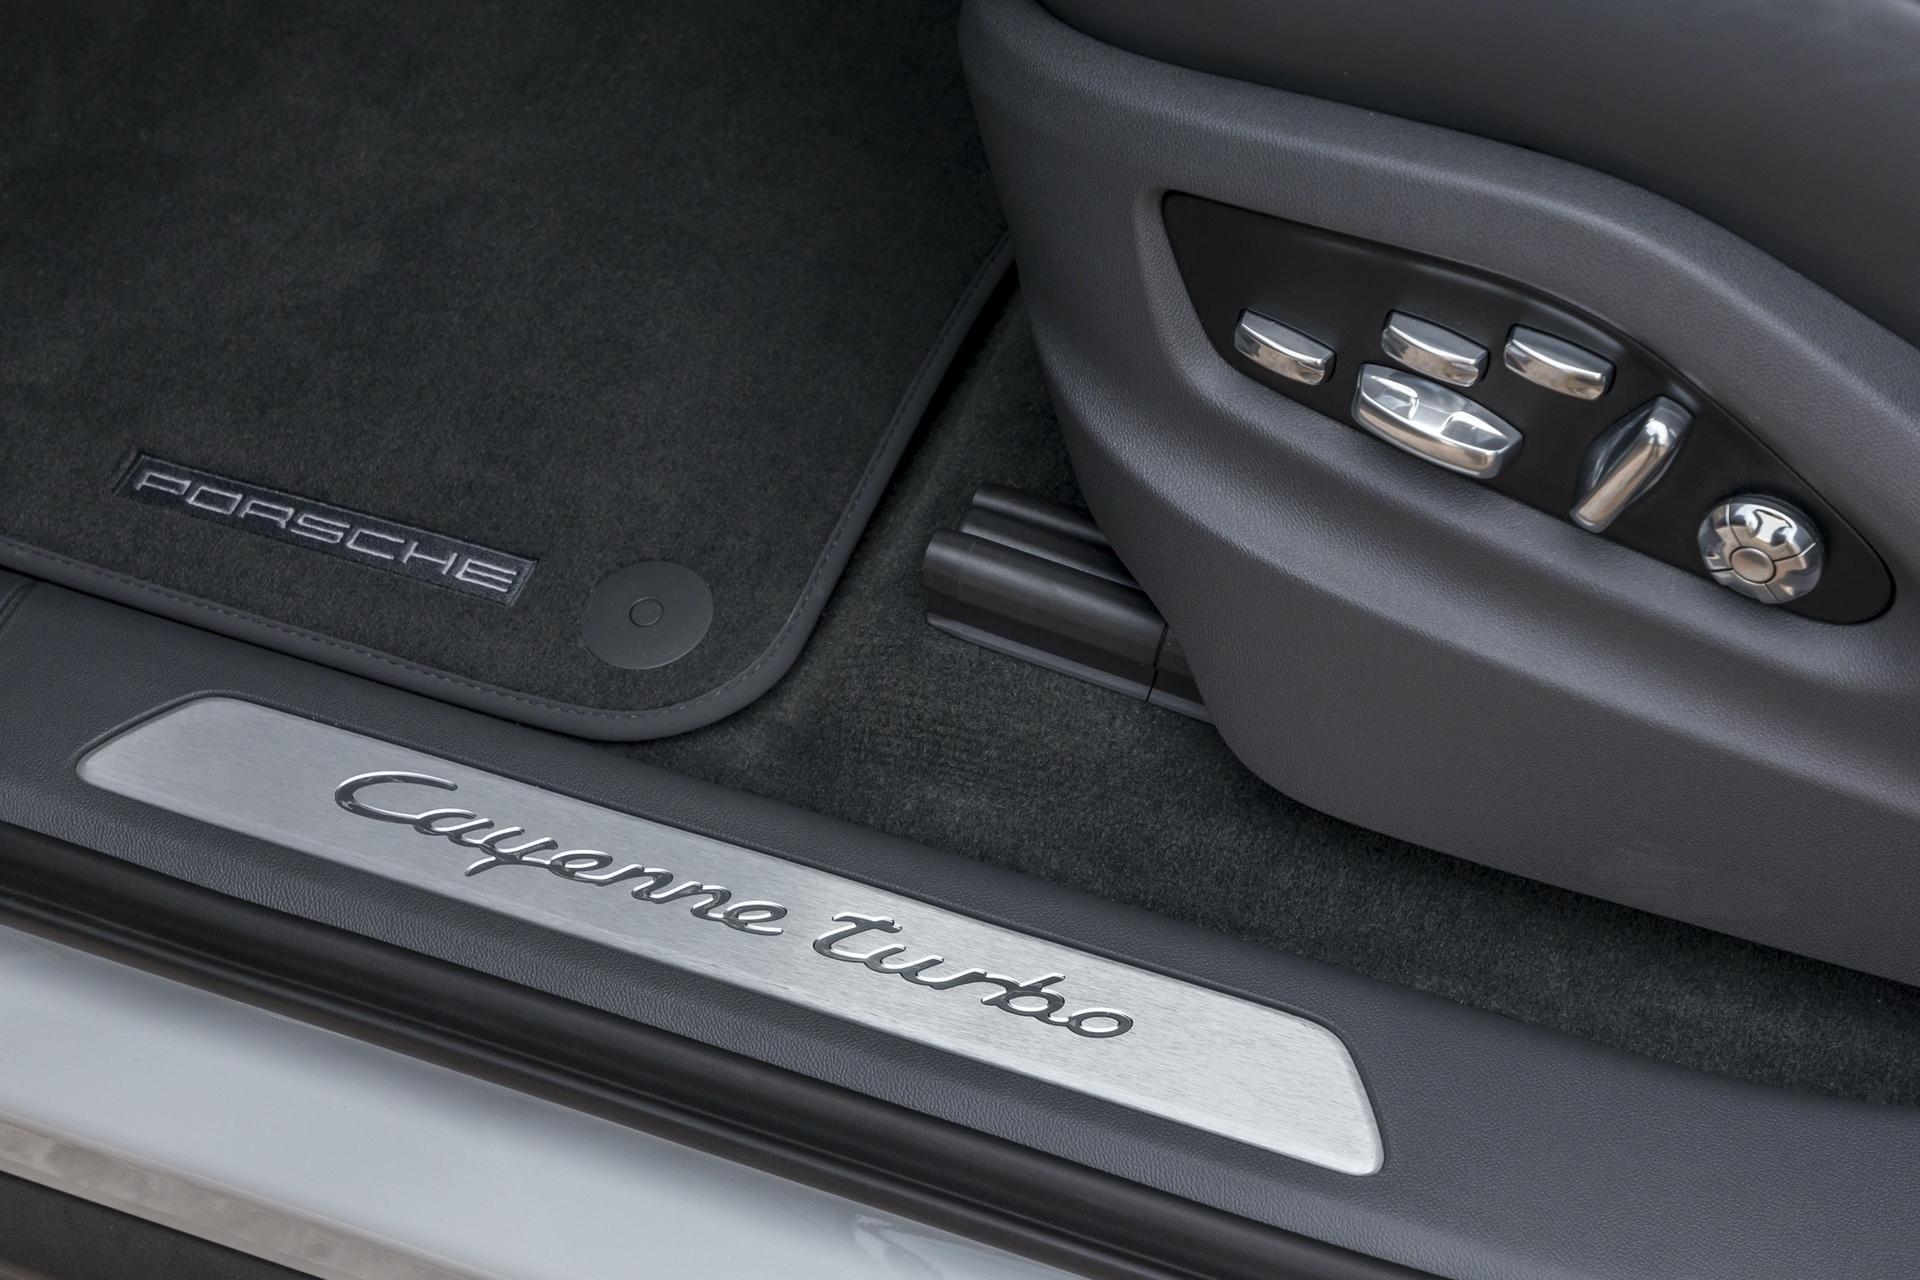 Test_Drive_Porsche_Cayenne_176